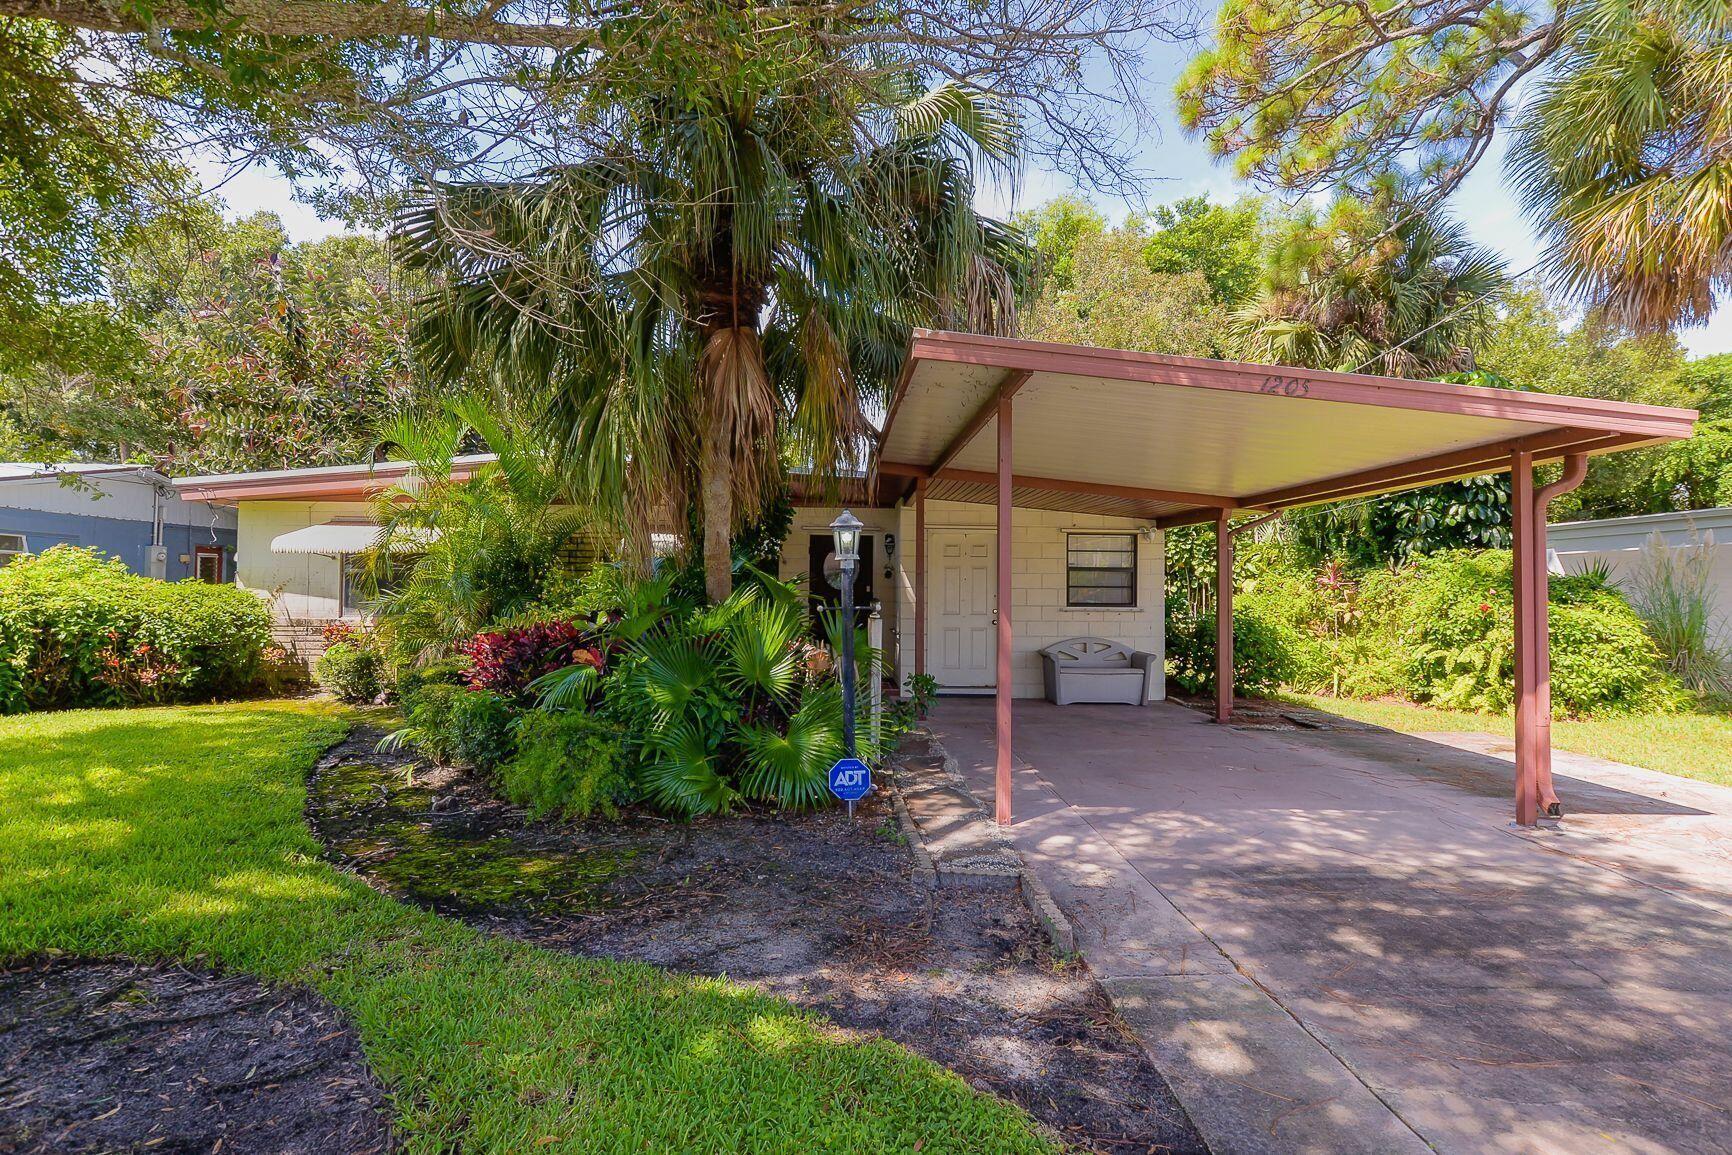 1205 S 10th Street Street, Fort Pierce, FL 34950 - #: RX-10746020